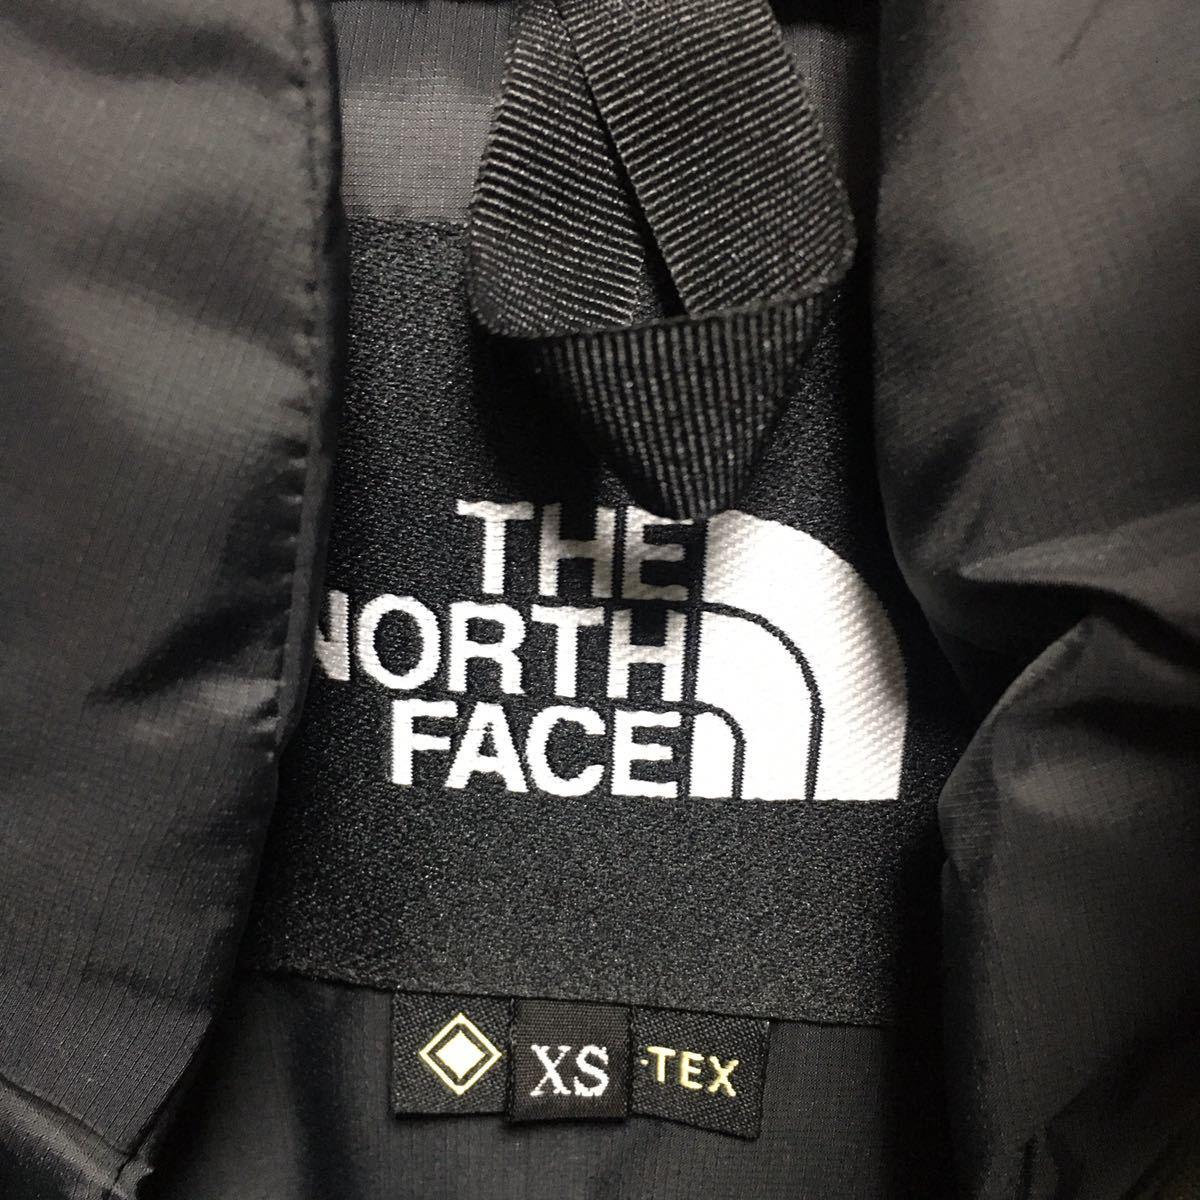 19AW 新品正規品【XSサイズ】THE NORTH FACE ノースフェイス アンタークティカパーカ ND91807 アンタークティカパーカー ニュートープ 希少_画像6